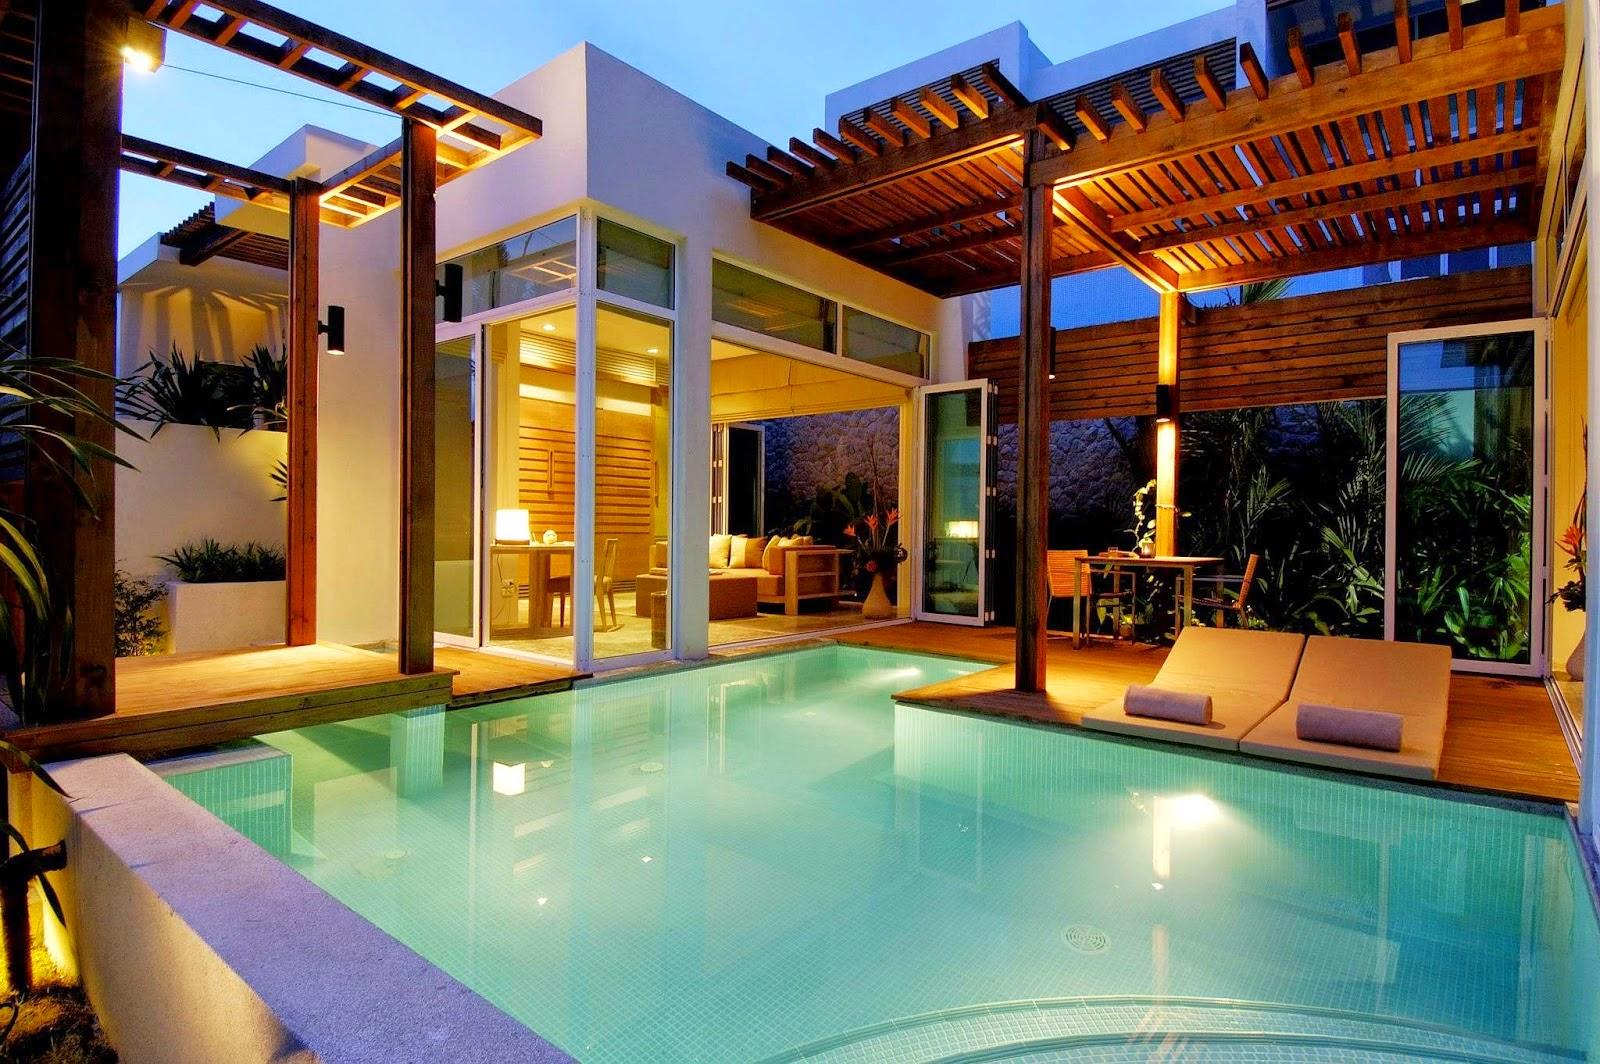 Rumah Minimalis 1 Lantai Ada Kolam Renang Desain Rumah Minimalis